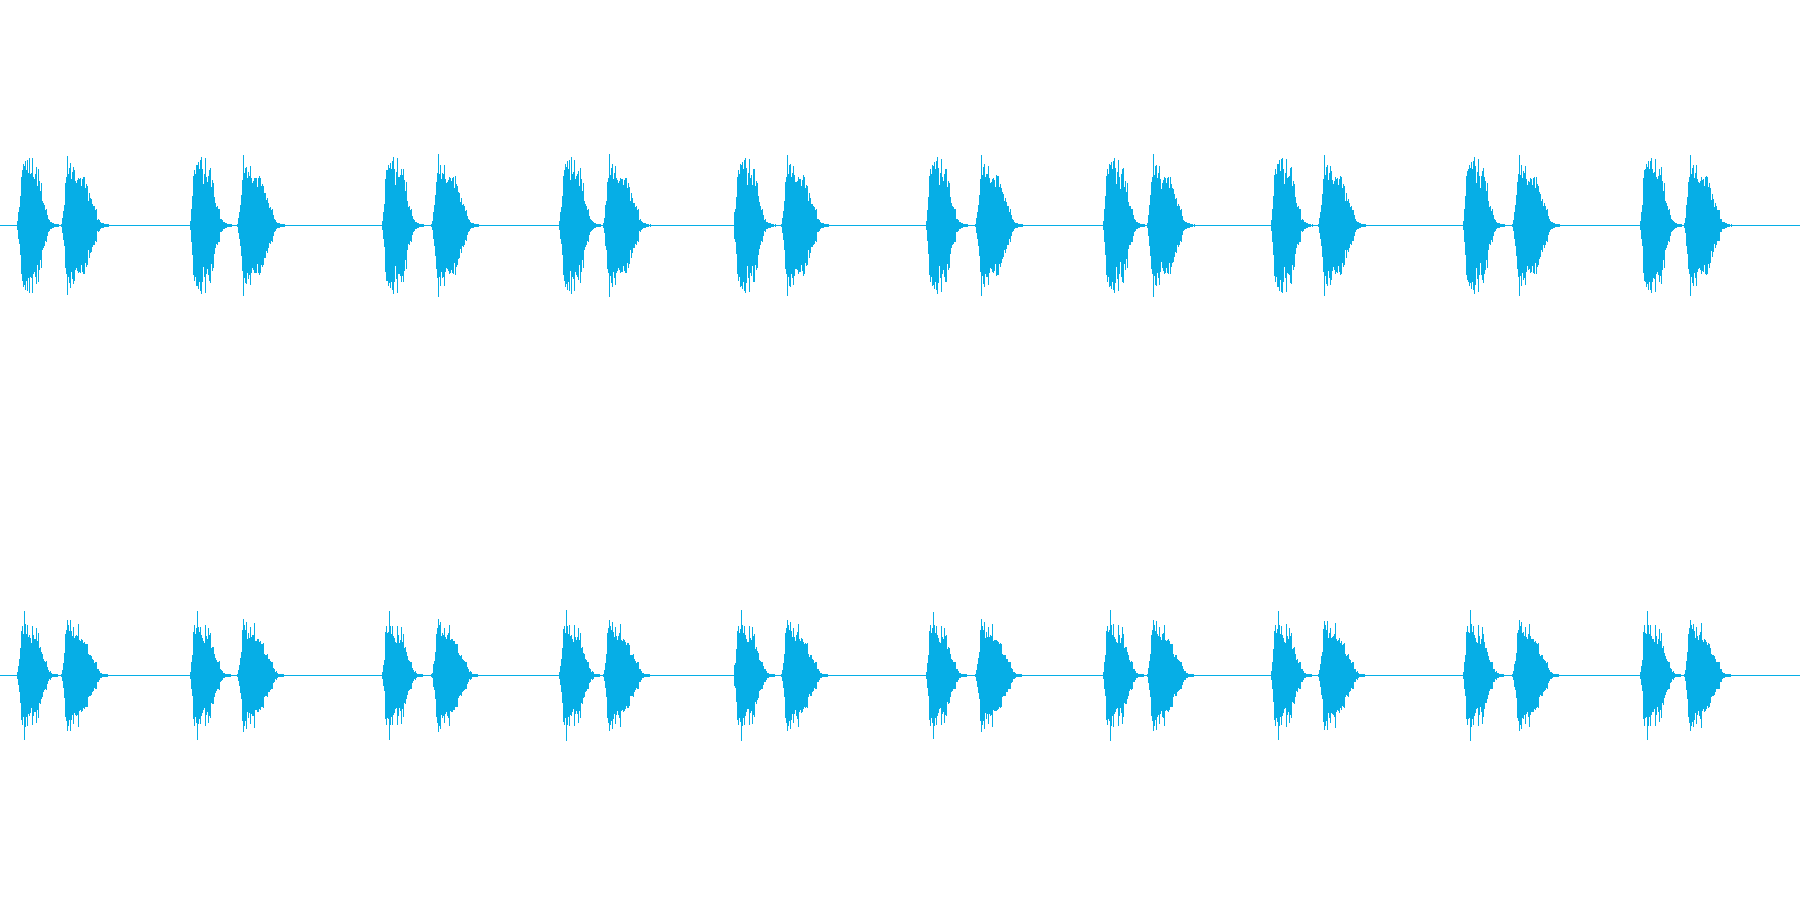 【カラス 生録 環境01-1】の再生済みの波形